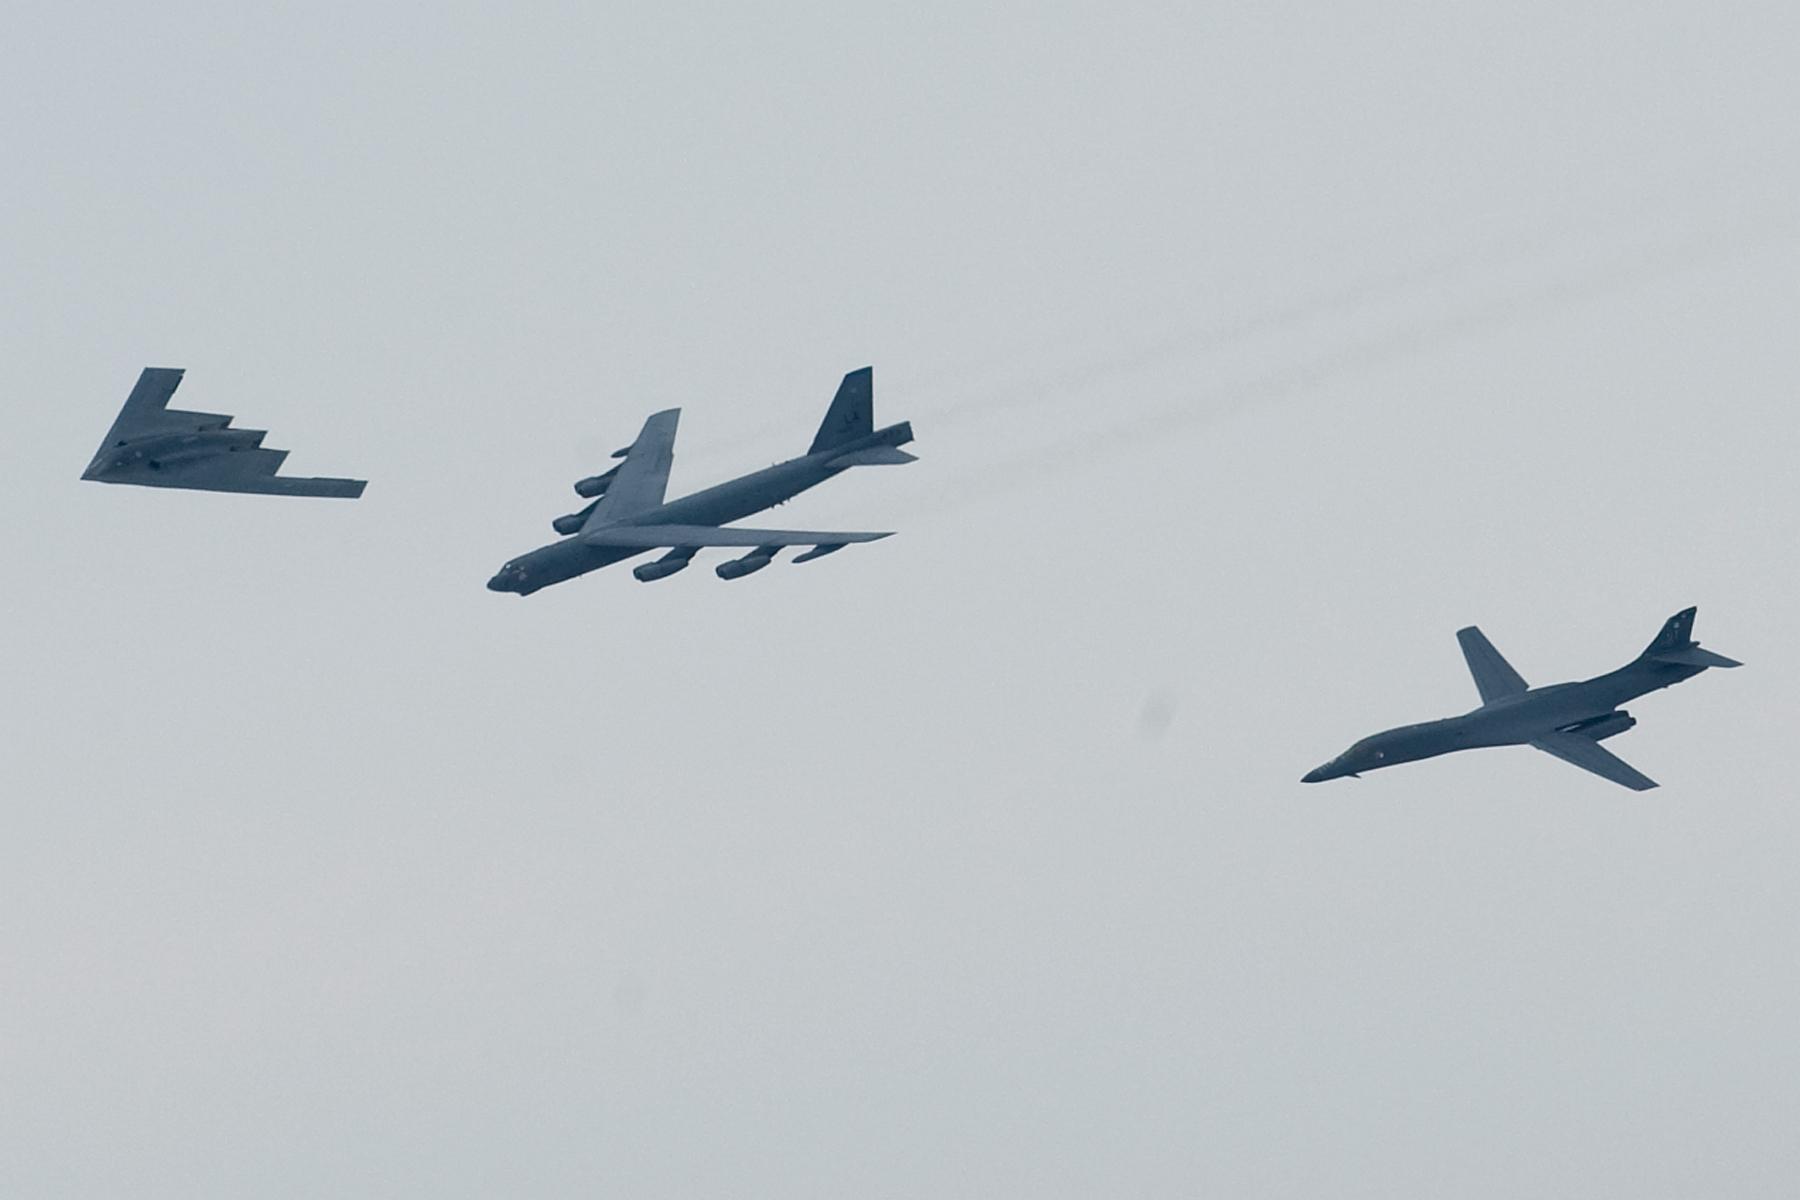 موضوع : الصين تخفي اكثر من 3000 رأس نووي في انفاق سرية طولها حوالي 5000 كلم  Gpw-20051129-UnitedStatesAirForce-080510-F-0986R-002-bombers-flying-in-formation-B-2-Spirit-B-52-Stratofortress-B-1B-Lancer-Shreveport-Louisiana-20080510-medium